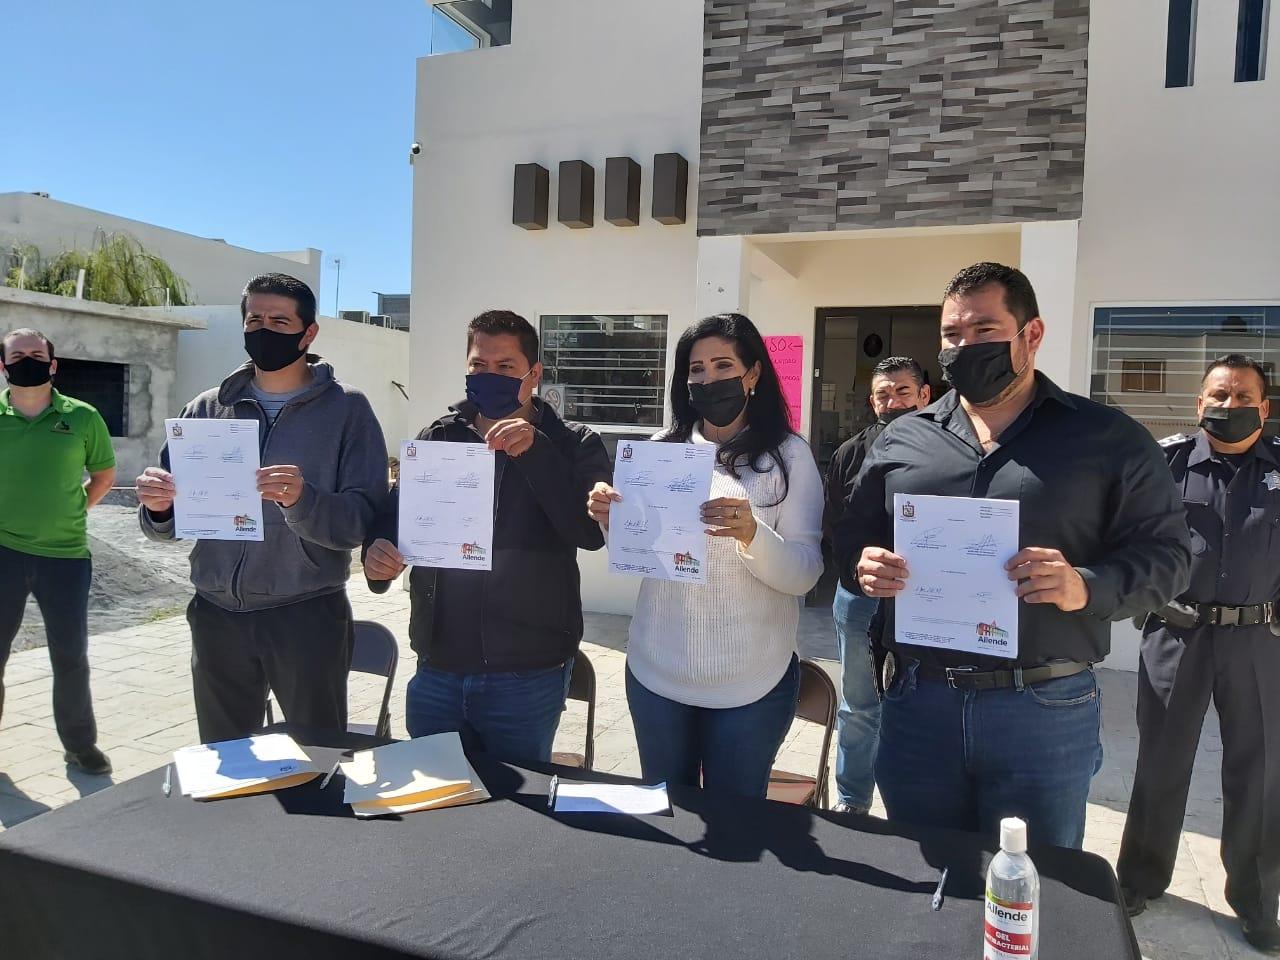 FIRMAN AUTORIDADES DE ALLENDE CONVENIO DE COLABORACION DE POLICIA DE BARRIO CON VECINOS DE LA COLONIA VISTA ALLENDE.